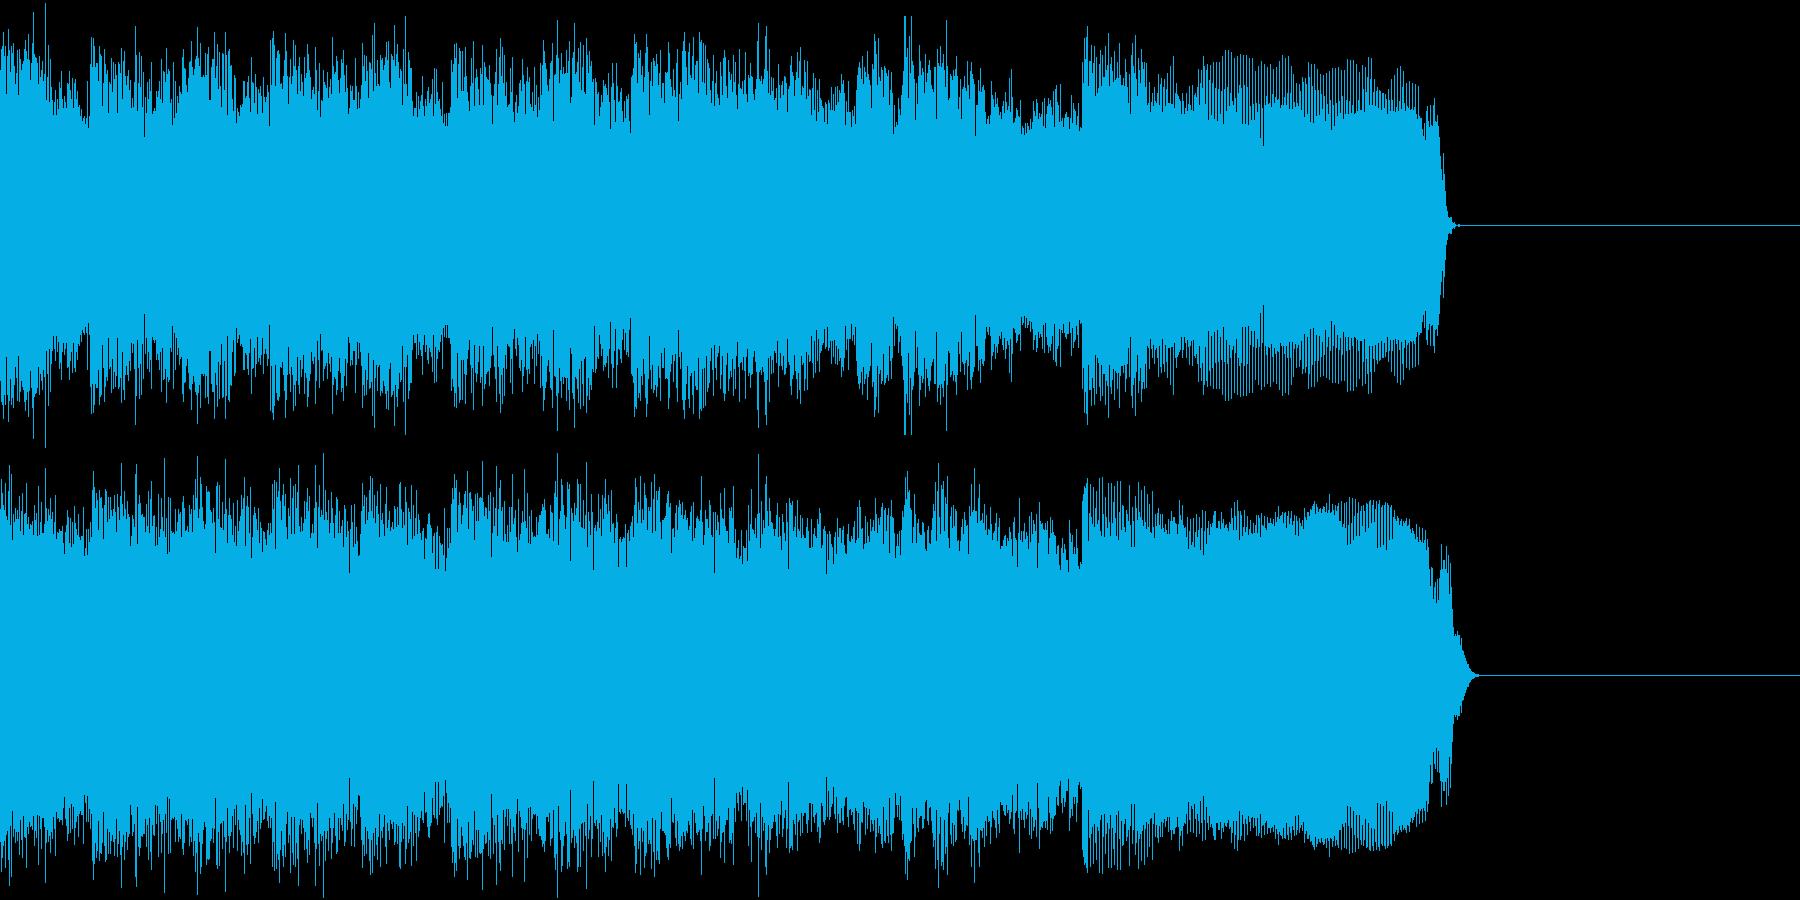 メタル ジングル ザクザク 生演奏の再生済みの波形